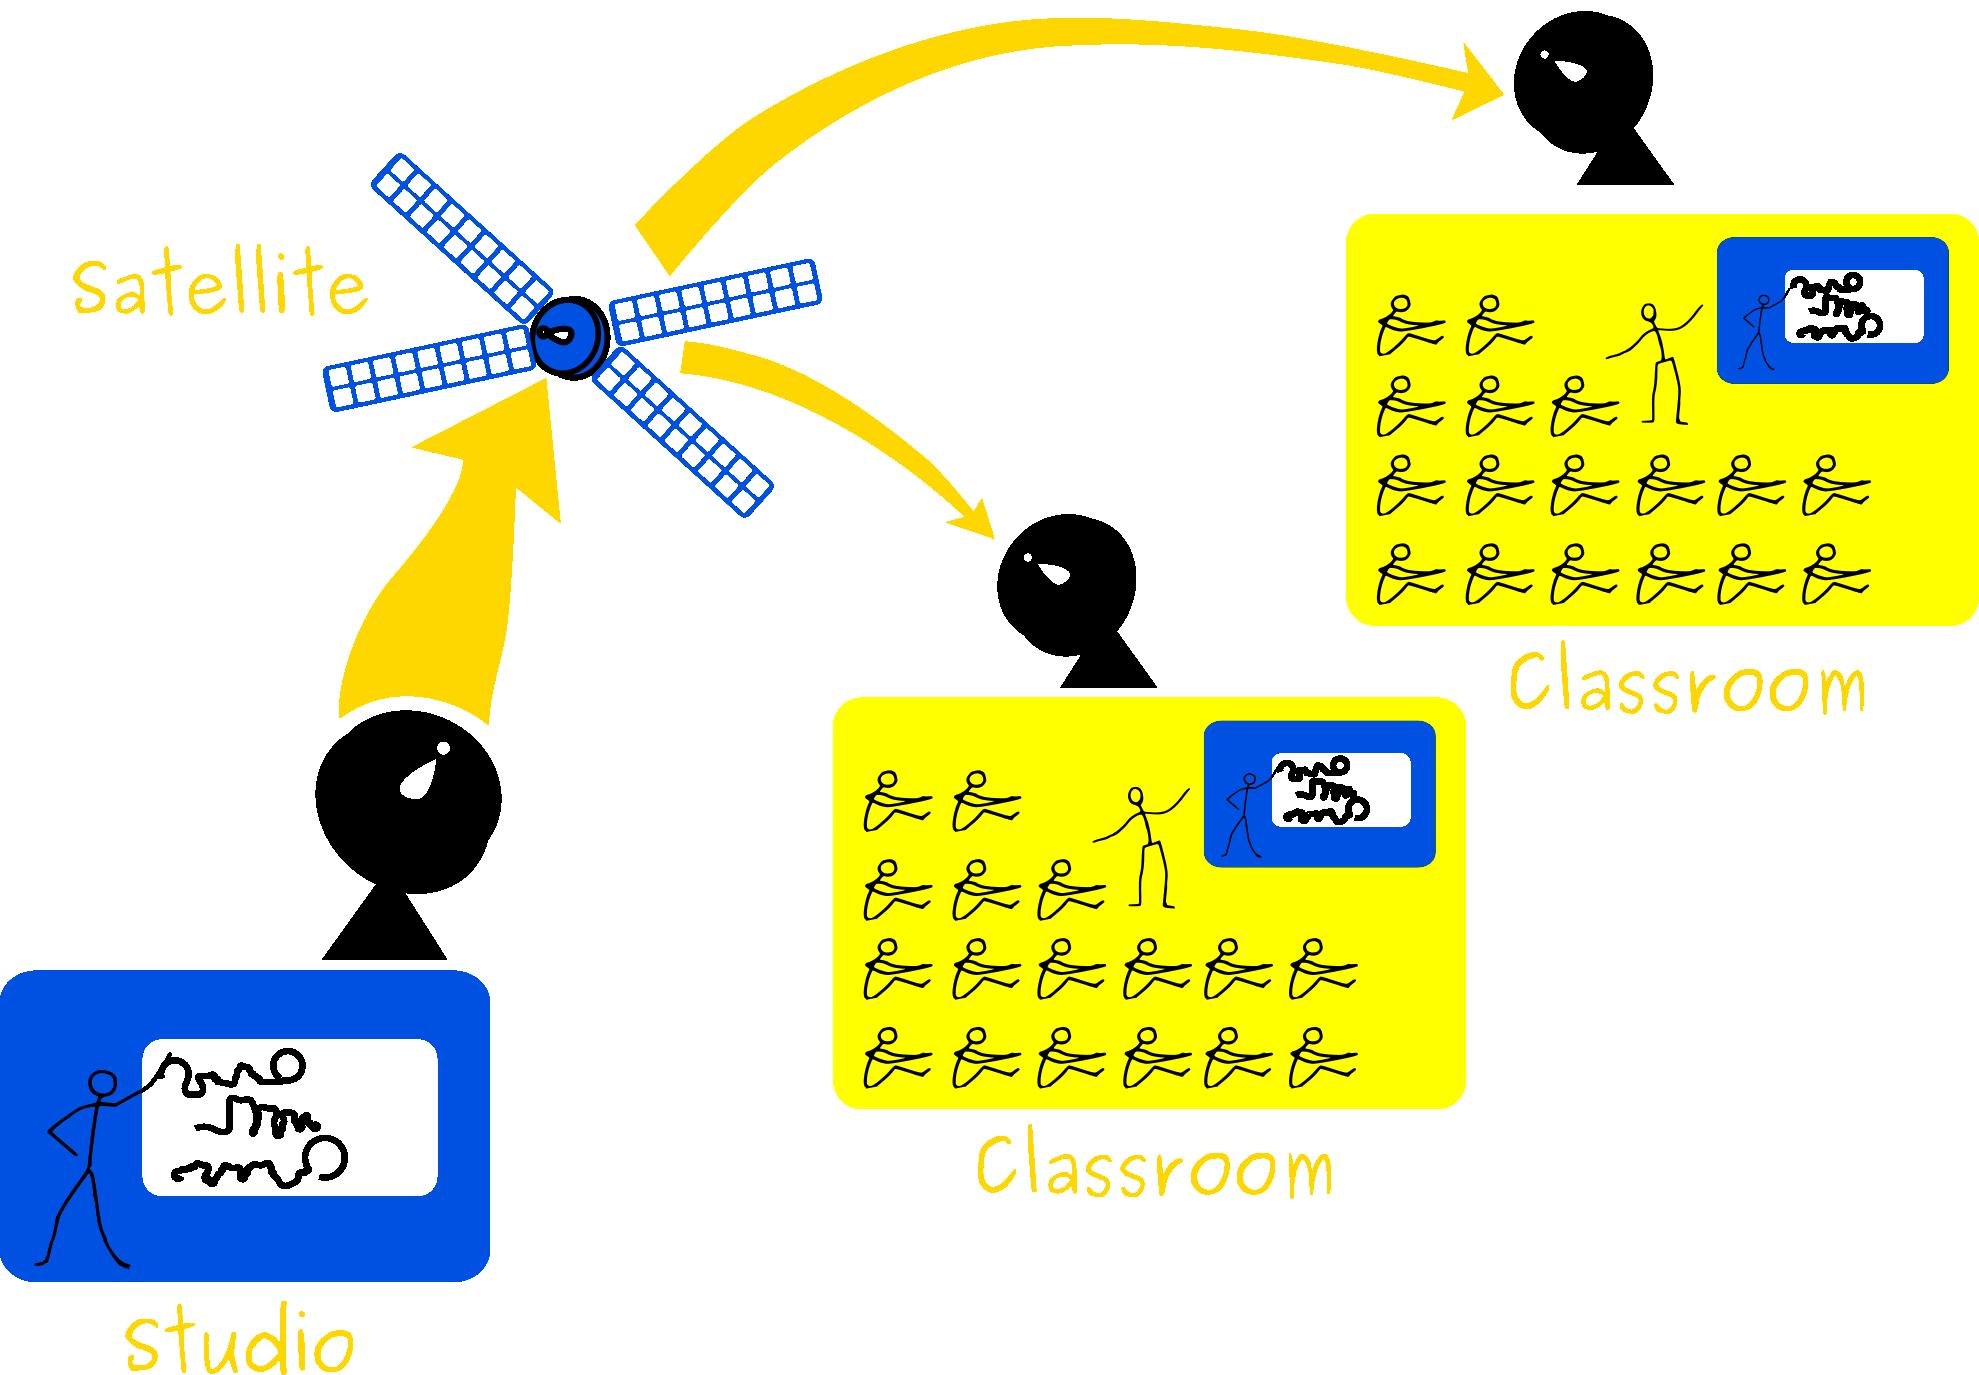 ict-satellite-education